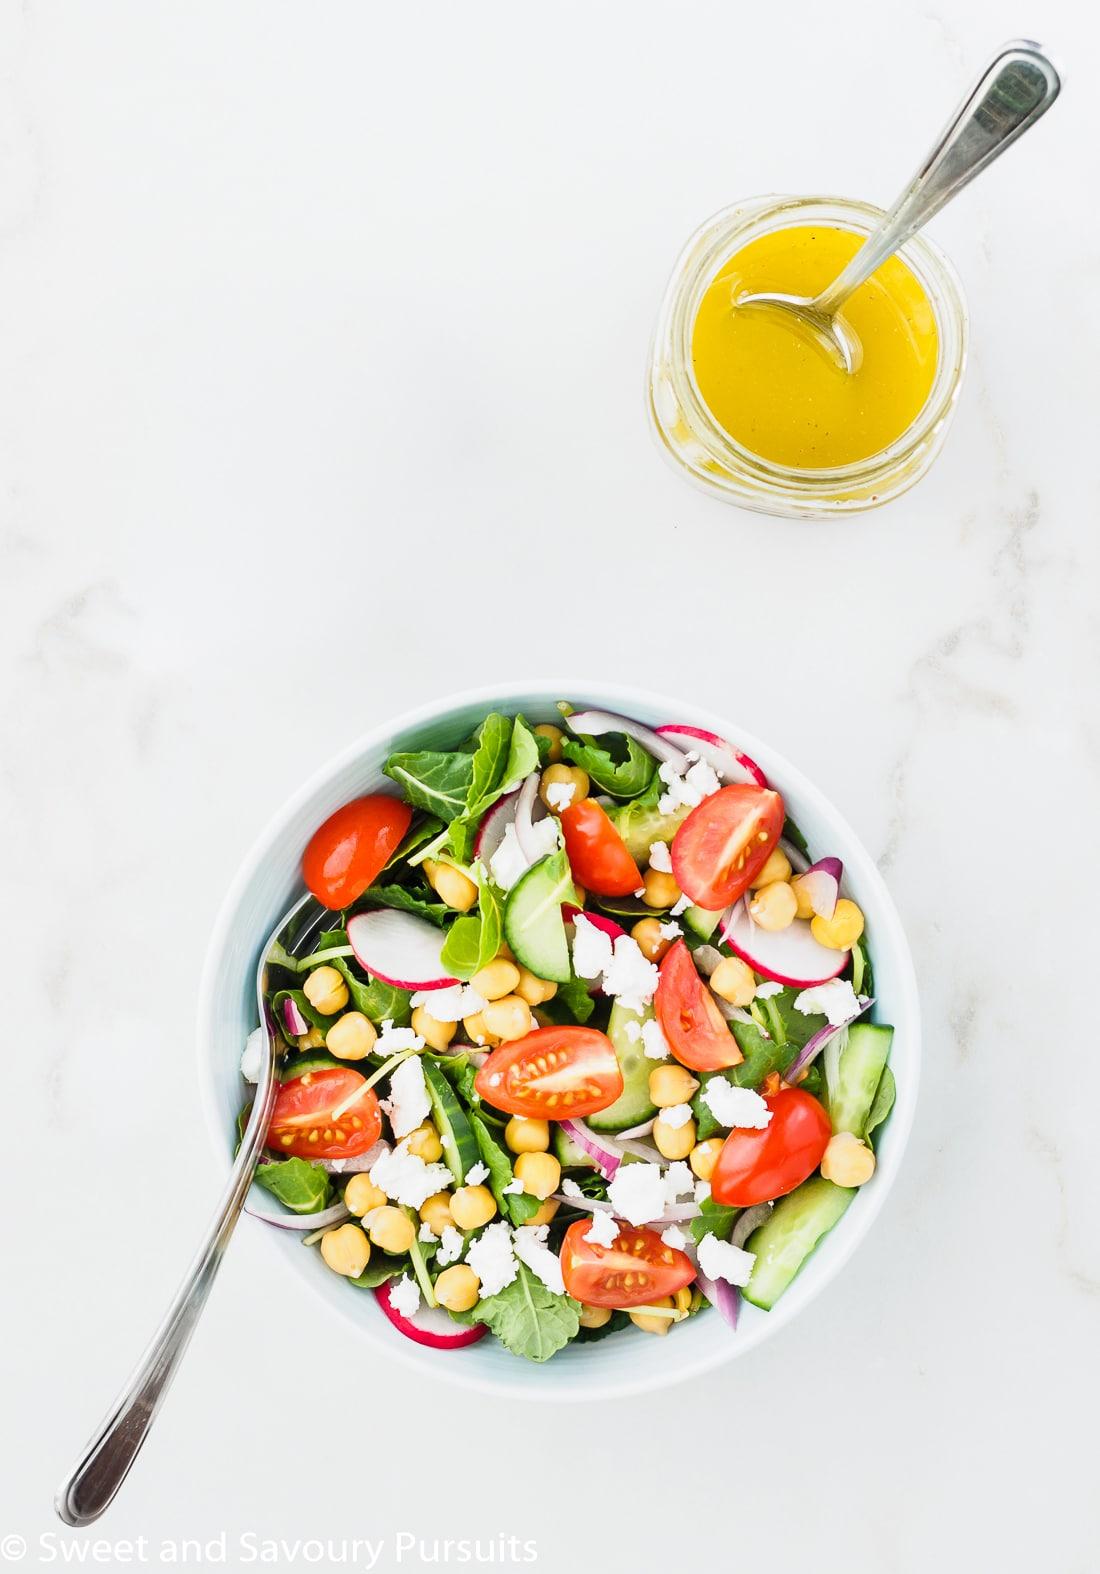 Mediterranean Kale Salad served with lemon garlic dressing on the side.